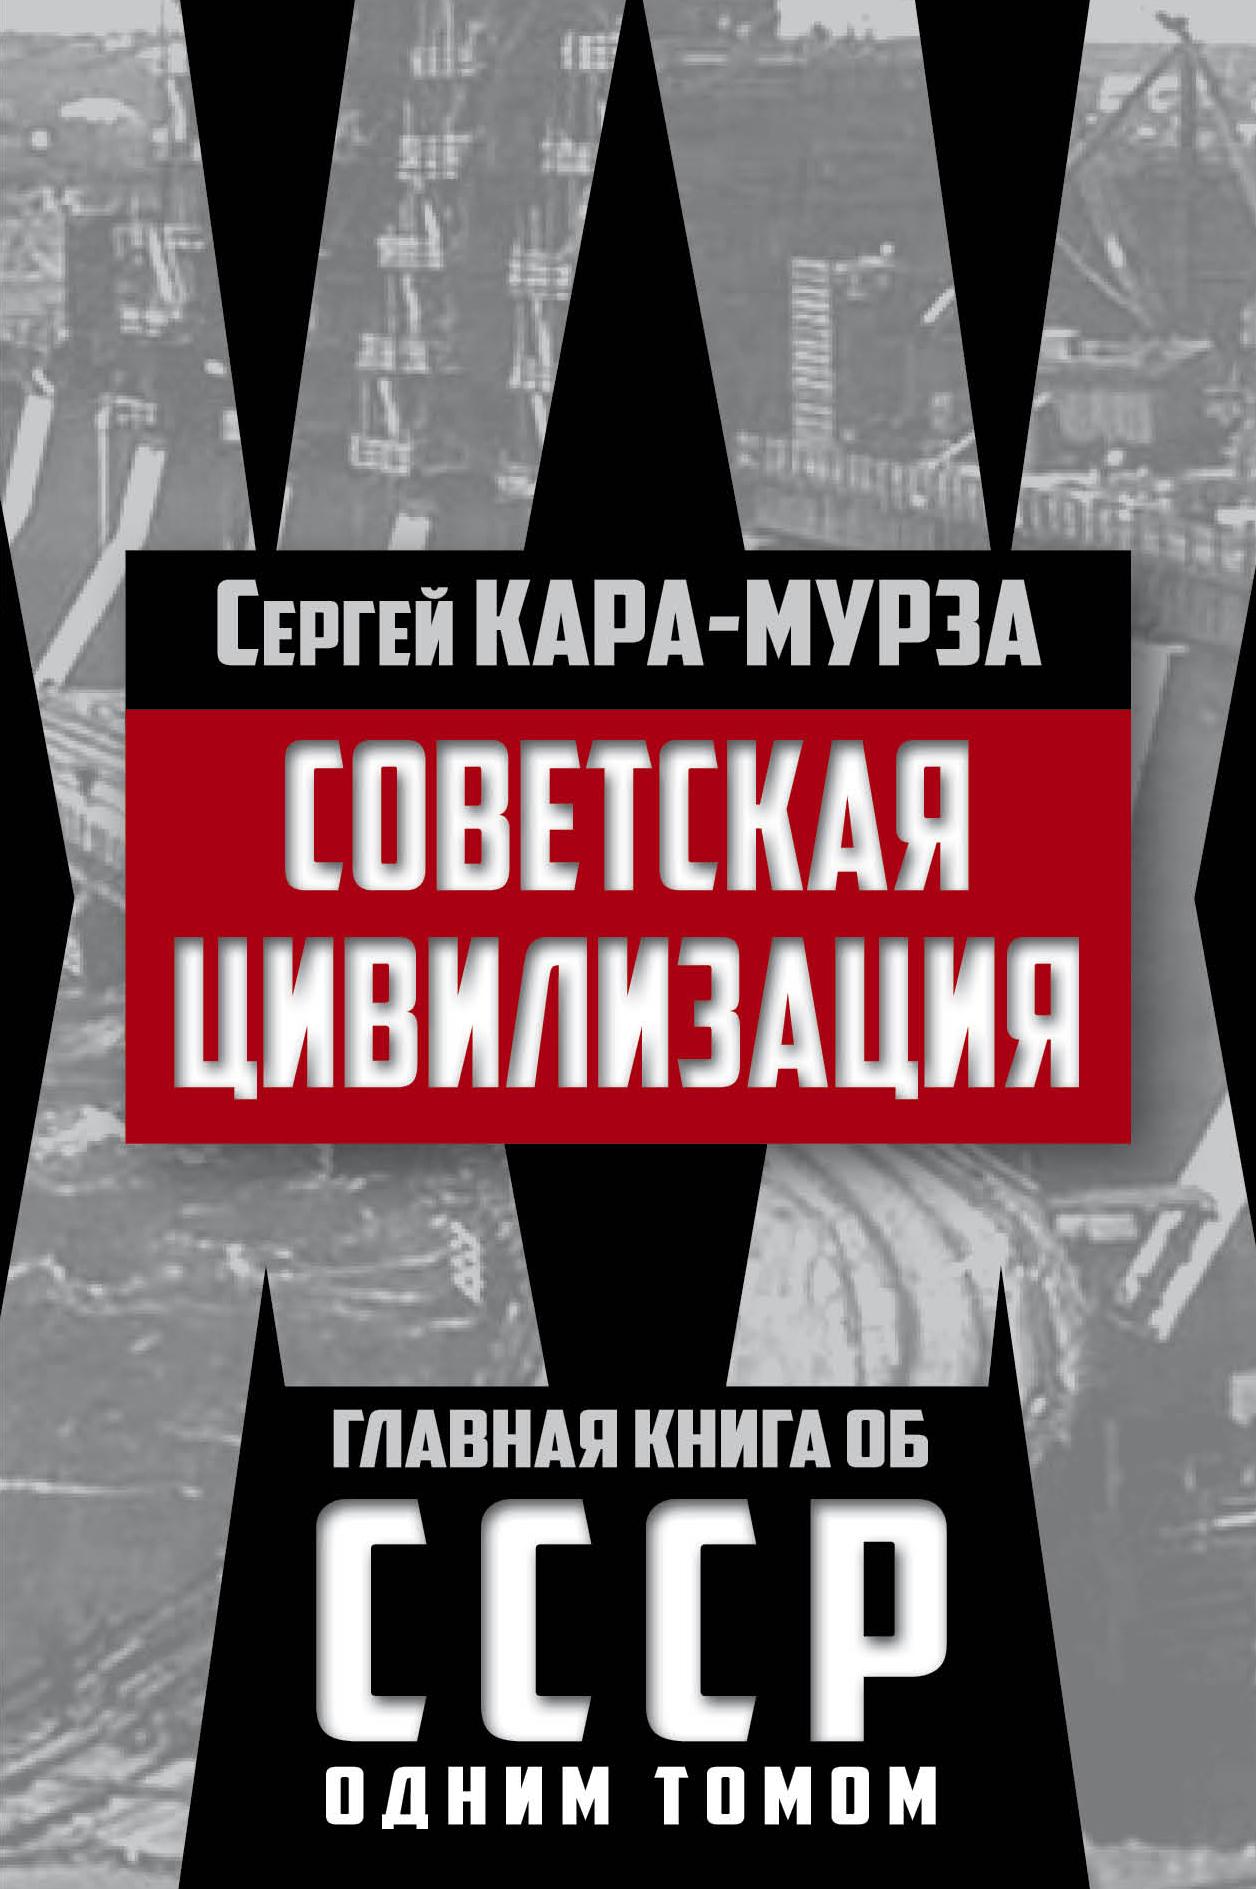 Сергей Кара-Мурза Советская цивилизация сергей кара мурза русский путь вектор программа враги